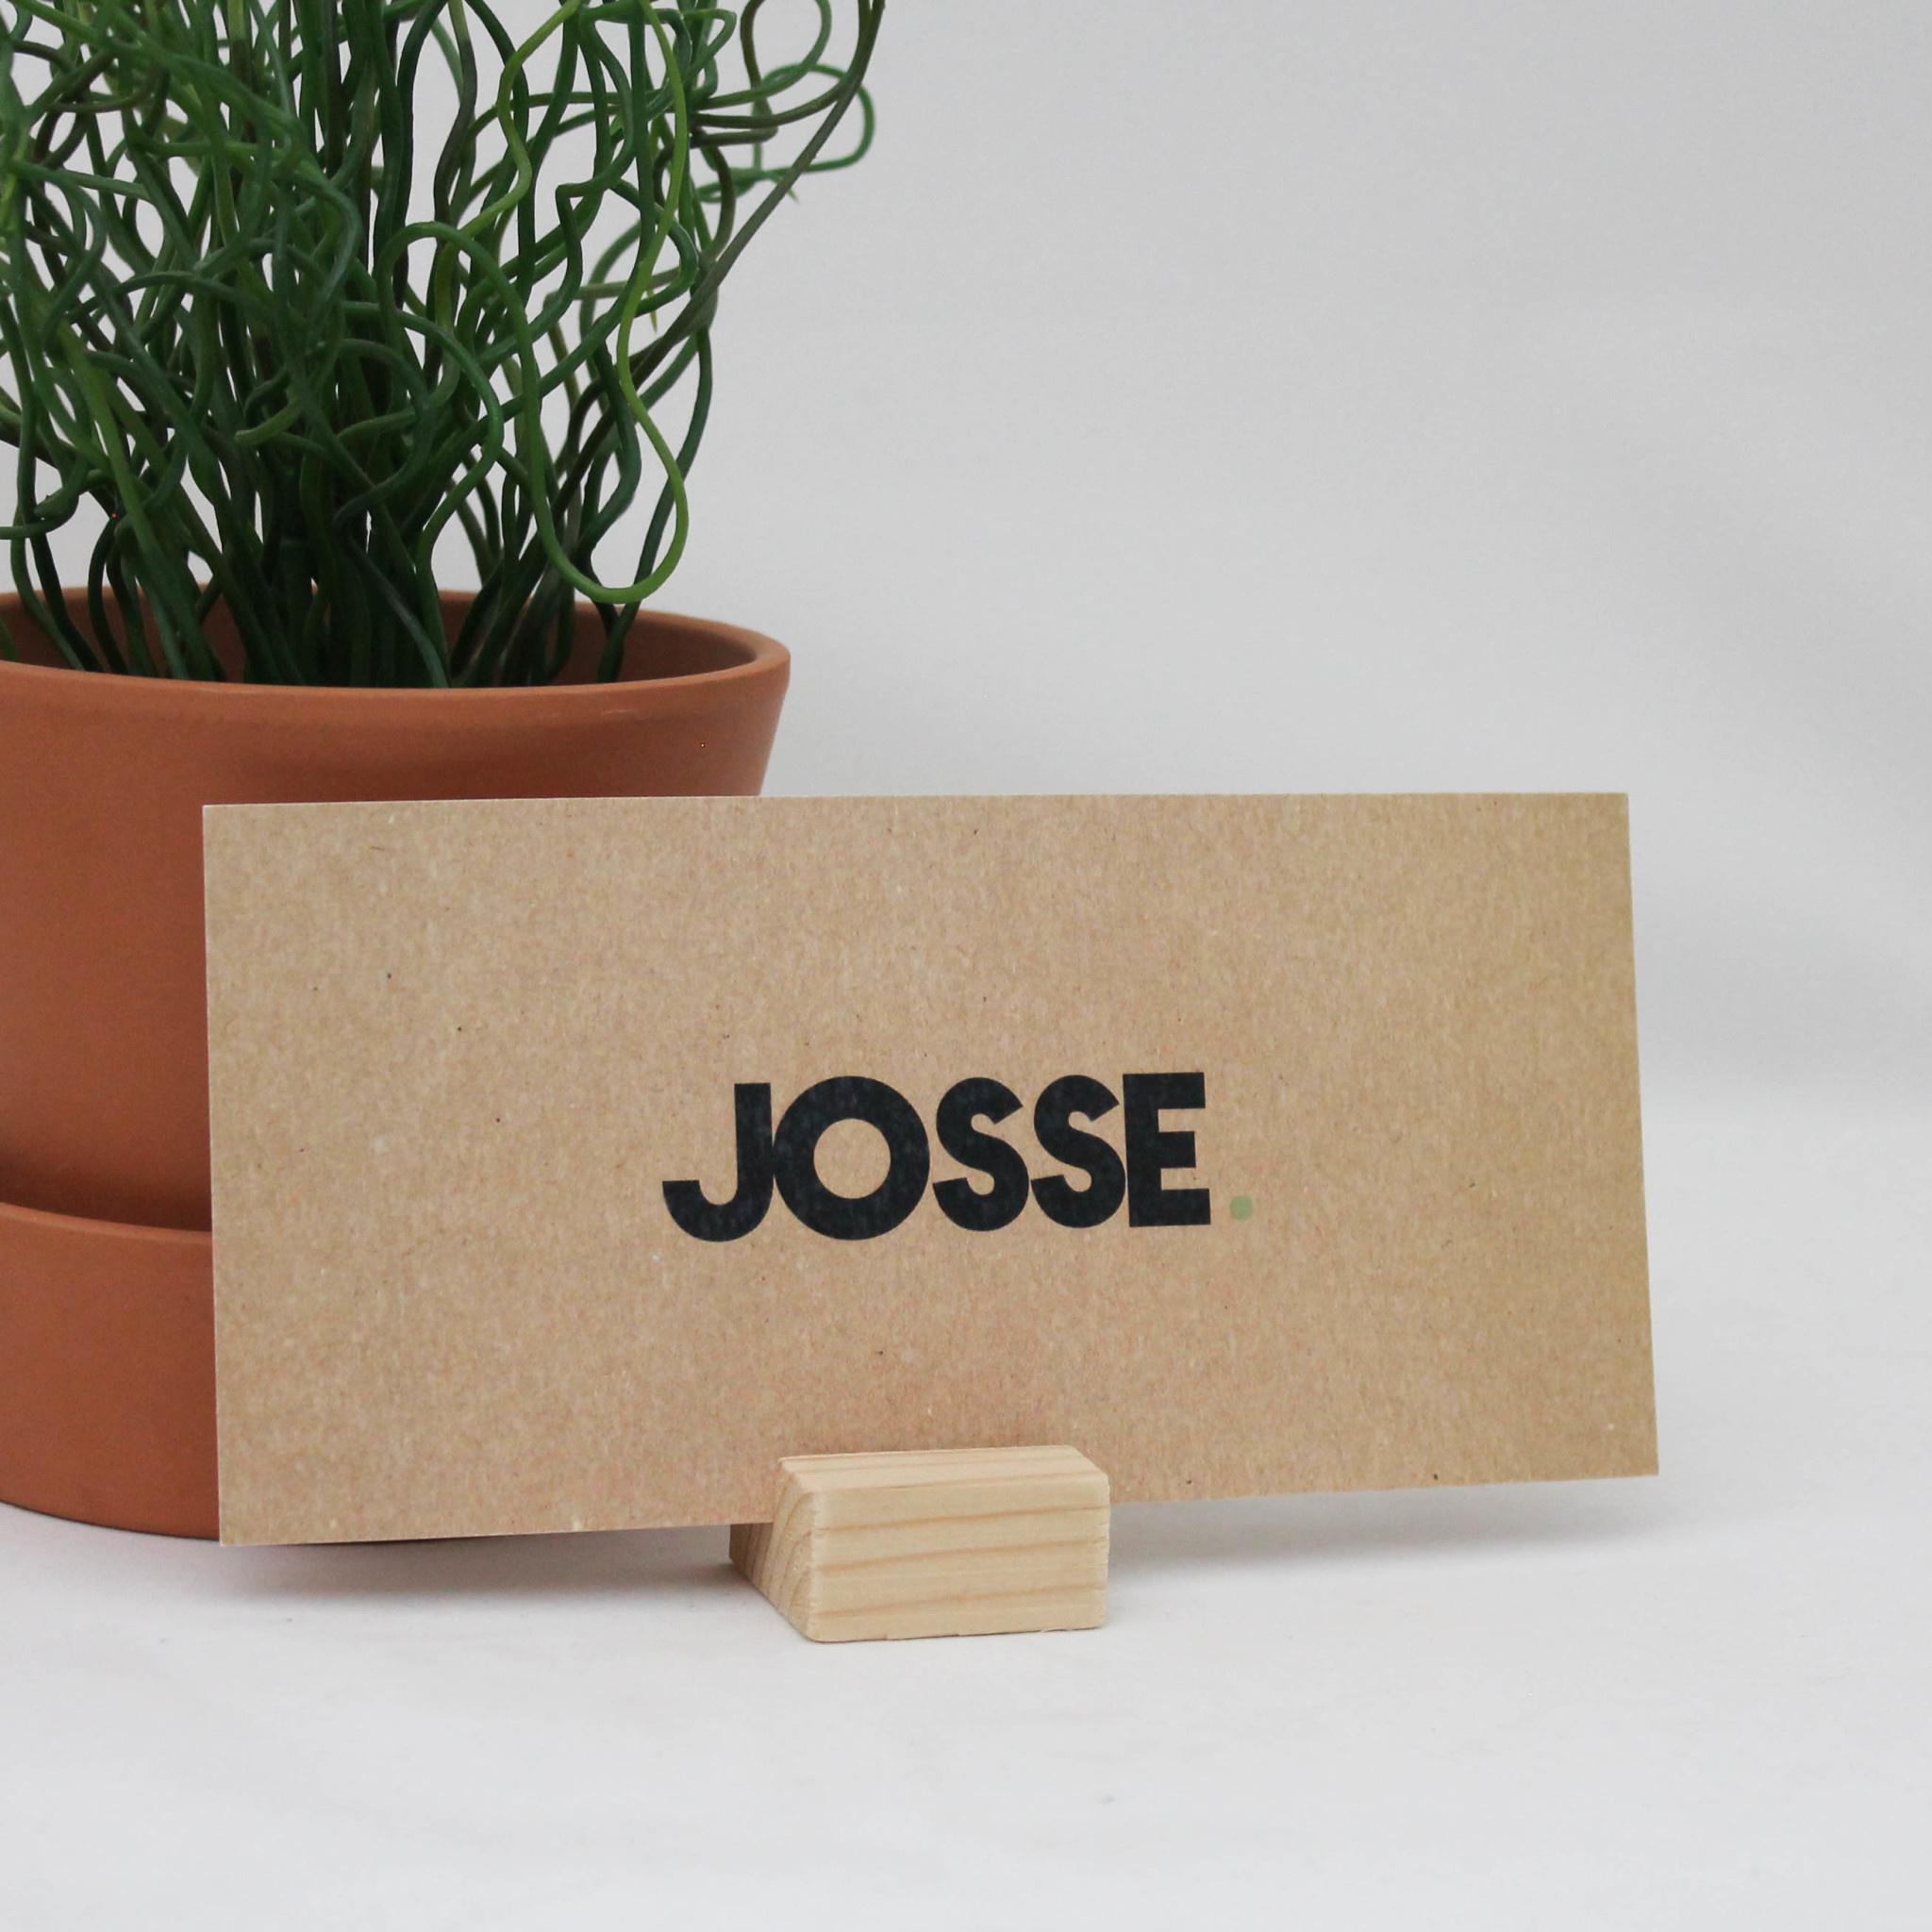 geboren - 12-26 Josse